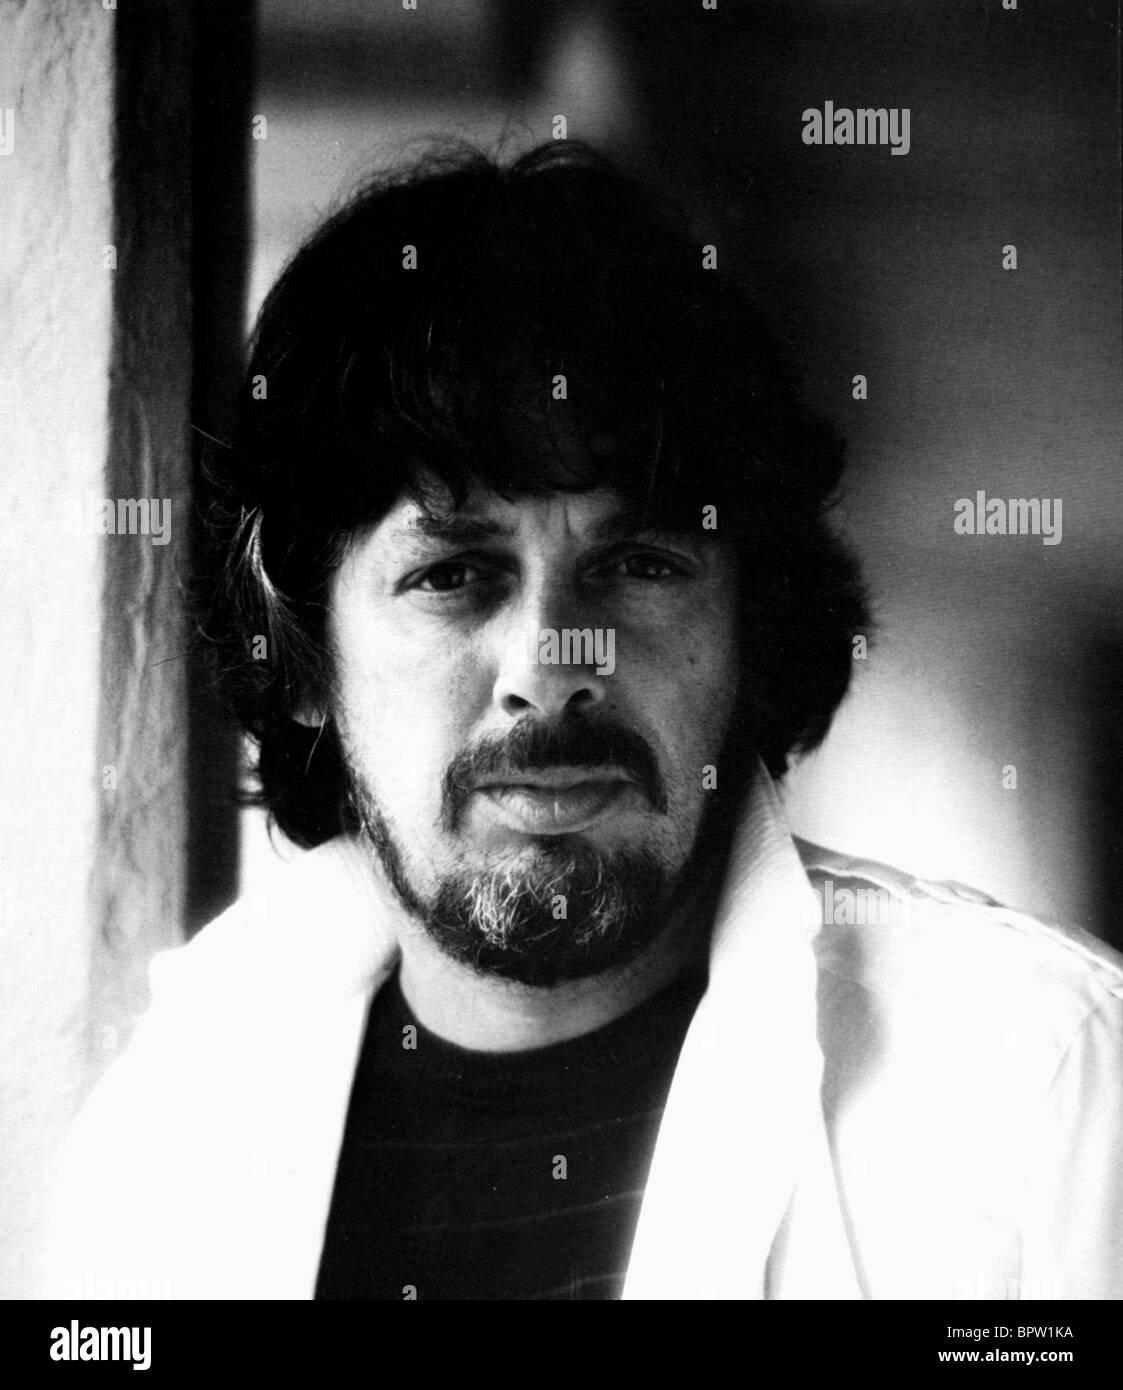 JOE FAGIN SINGER (1984) - Stock Image